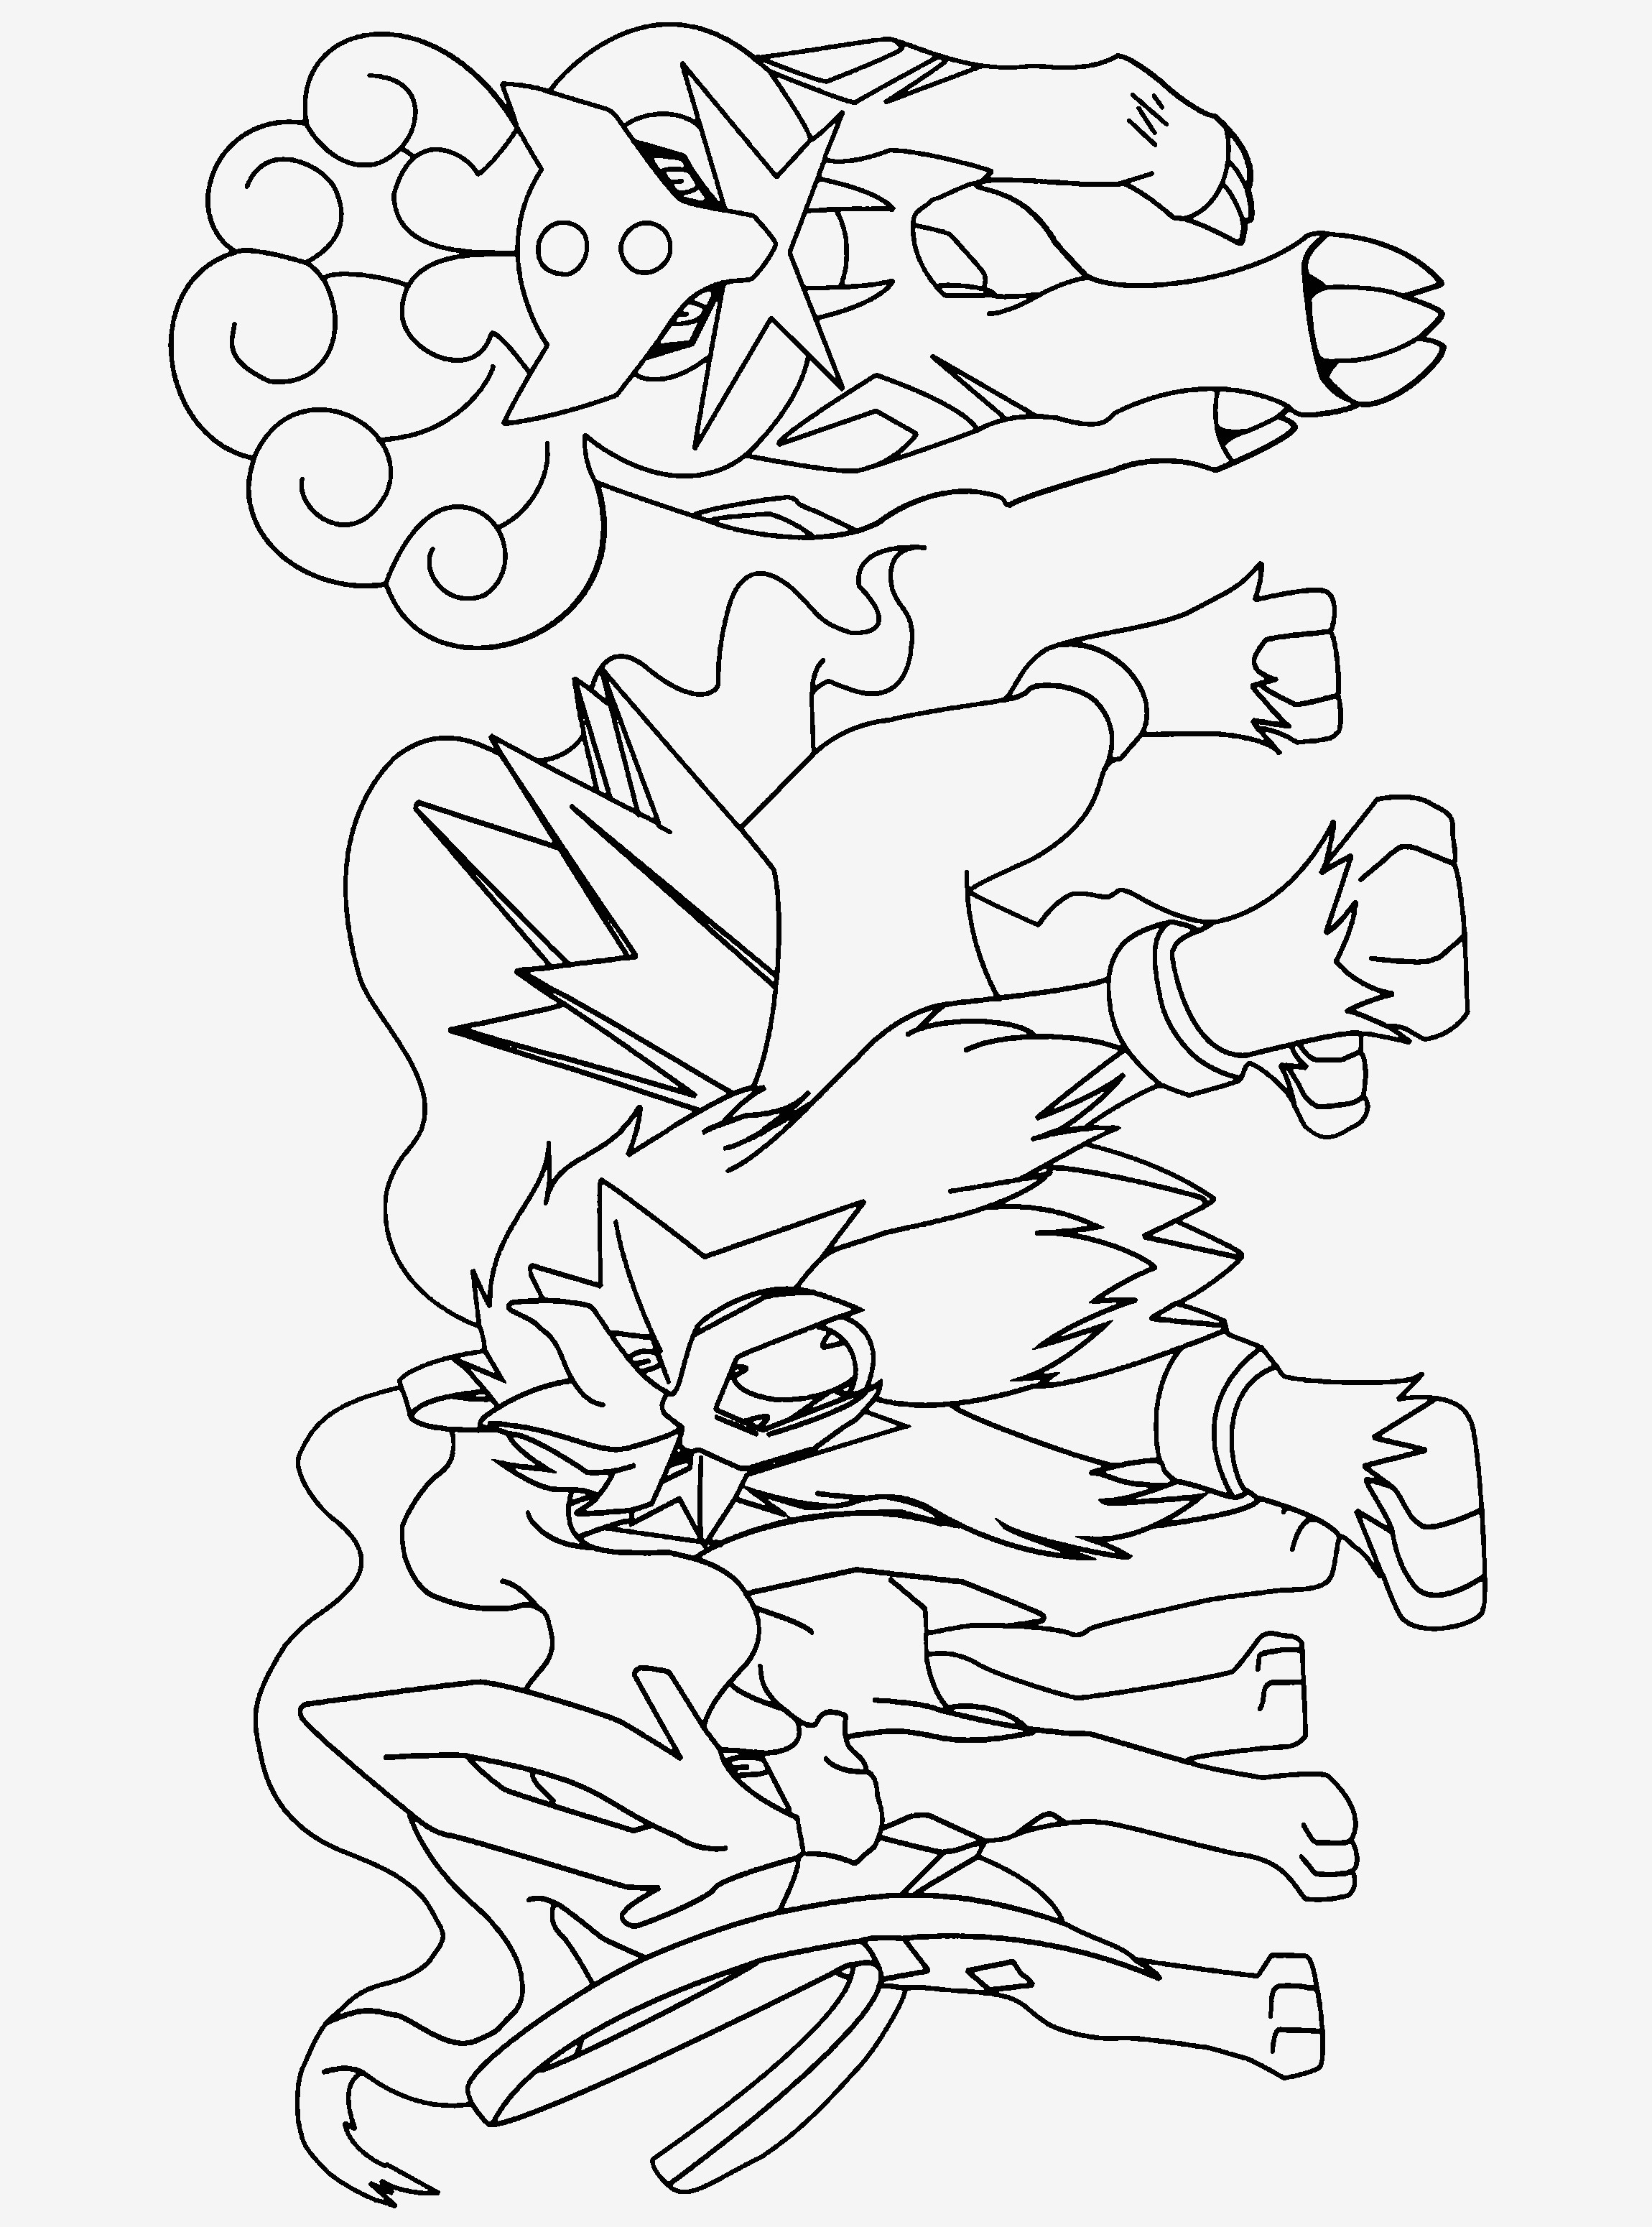 Pokemon Bilder Zum Ausdrucken In Farbe Frisch Lernspiele Färbung Bilder Pokemon Ausmalbilder Zum Ausdrucken Das Bild